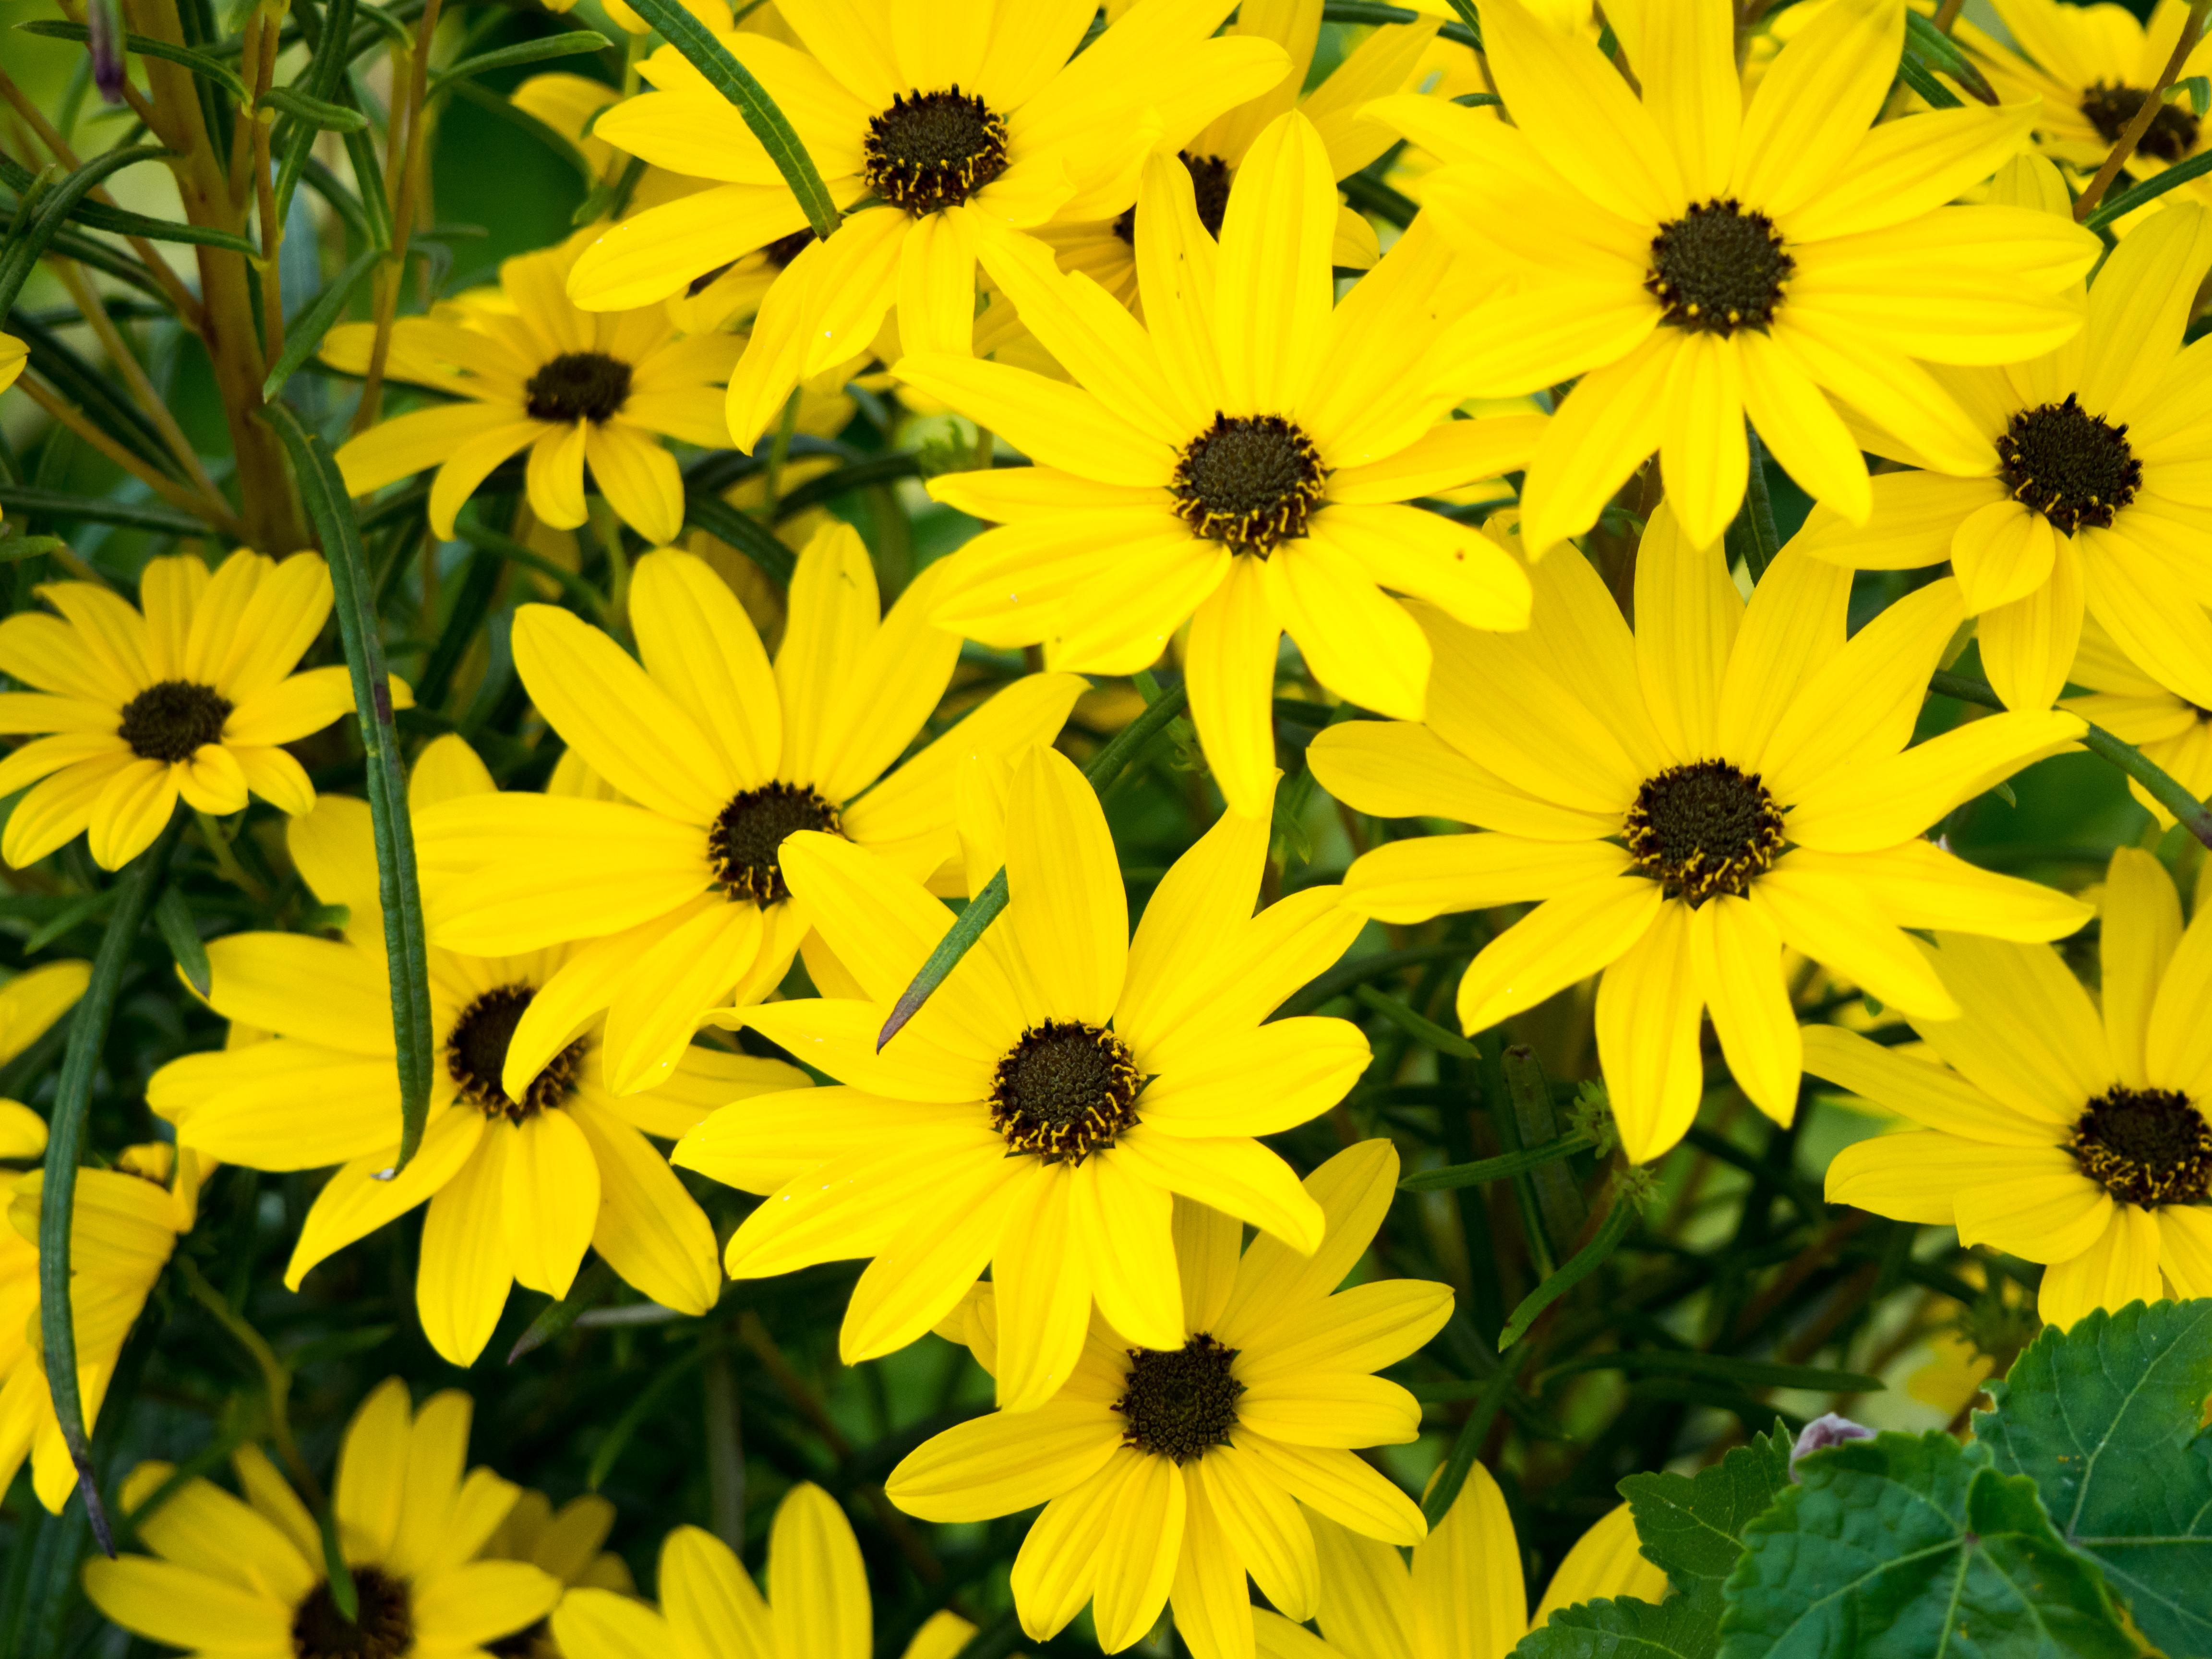 Yellow Flowers in Garden – MMT